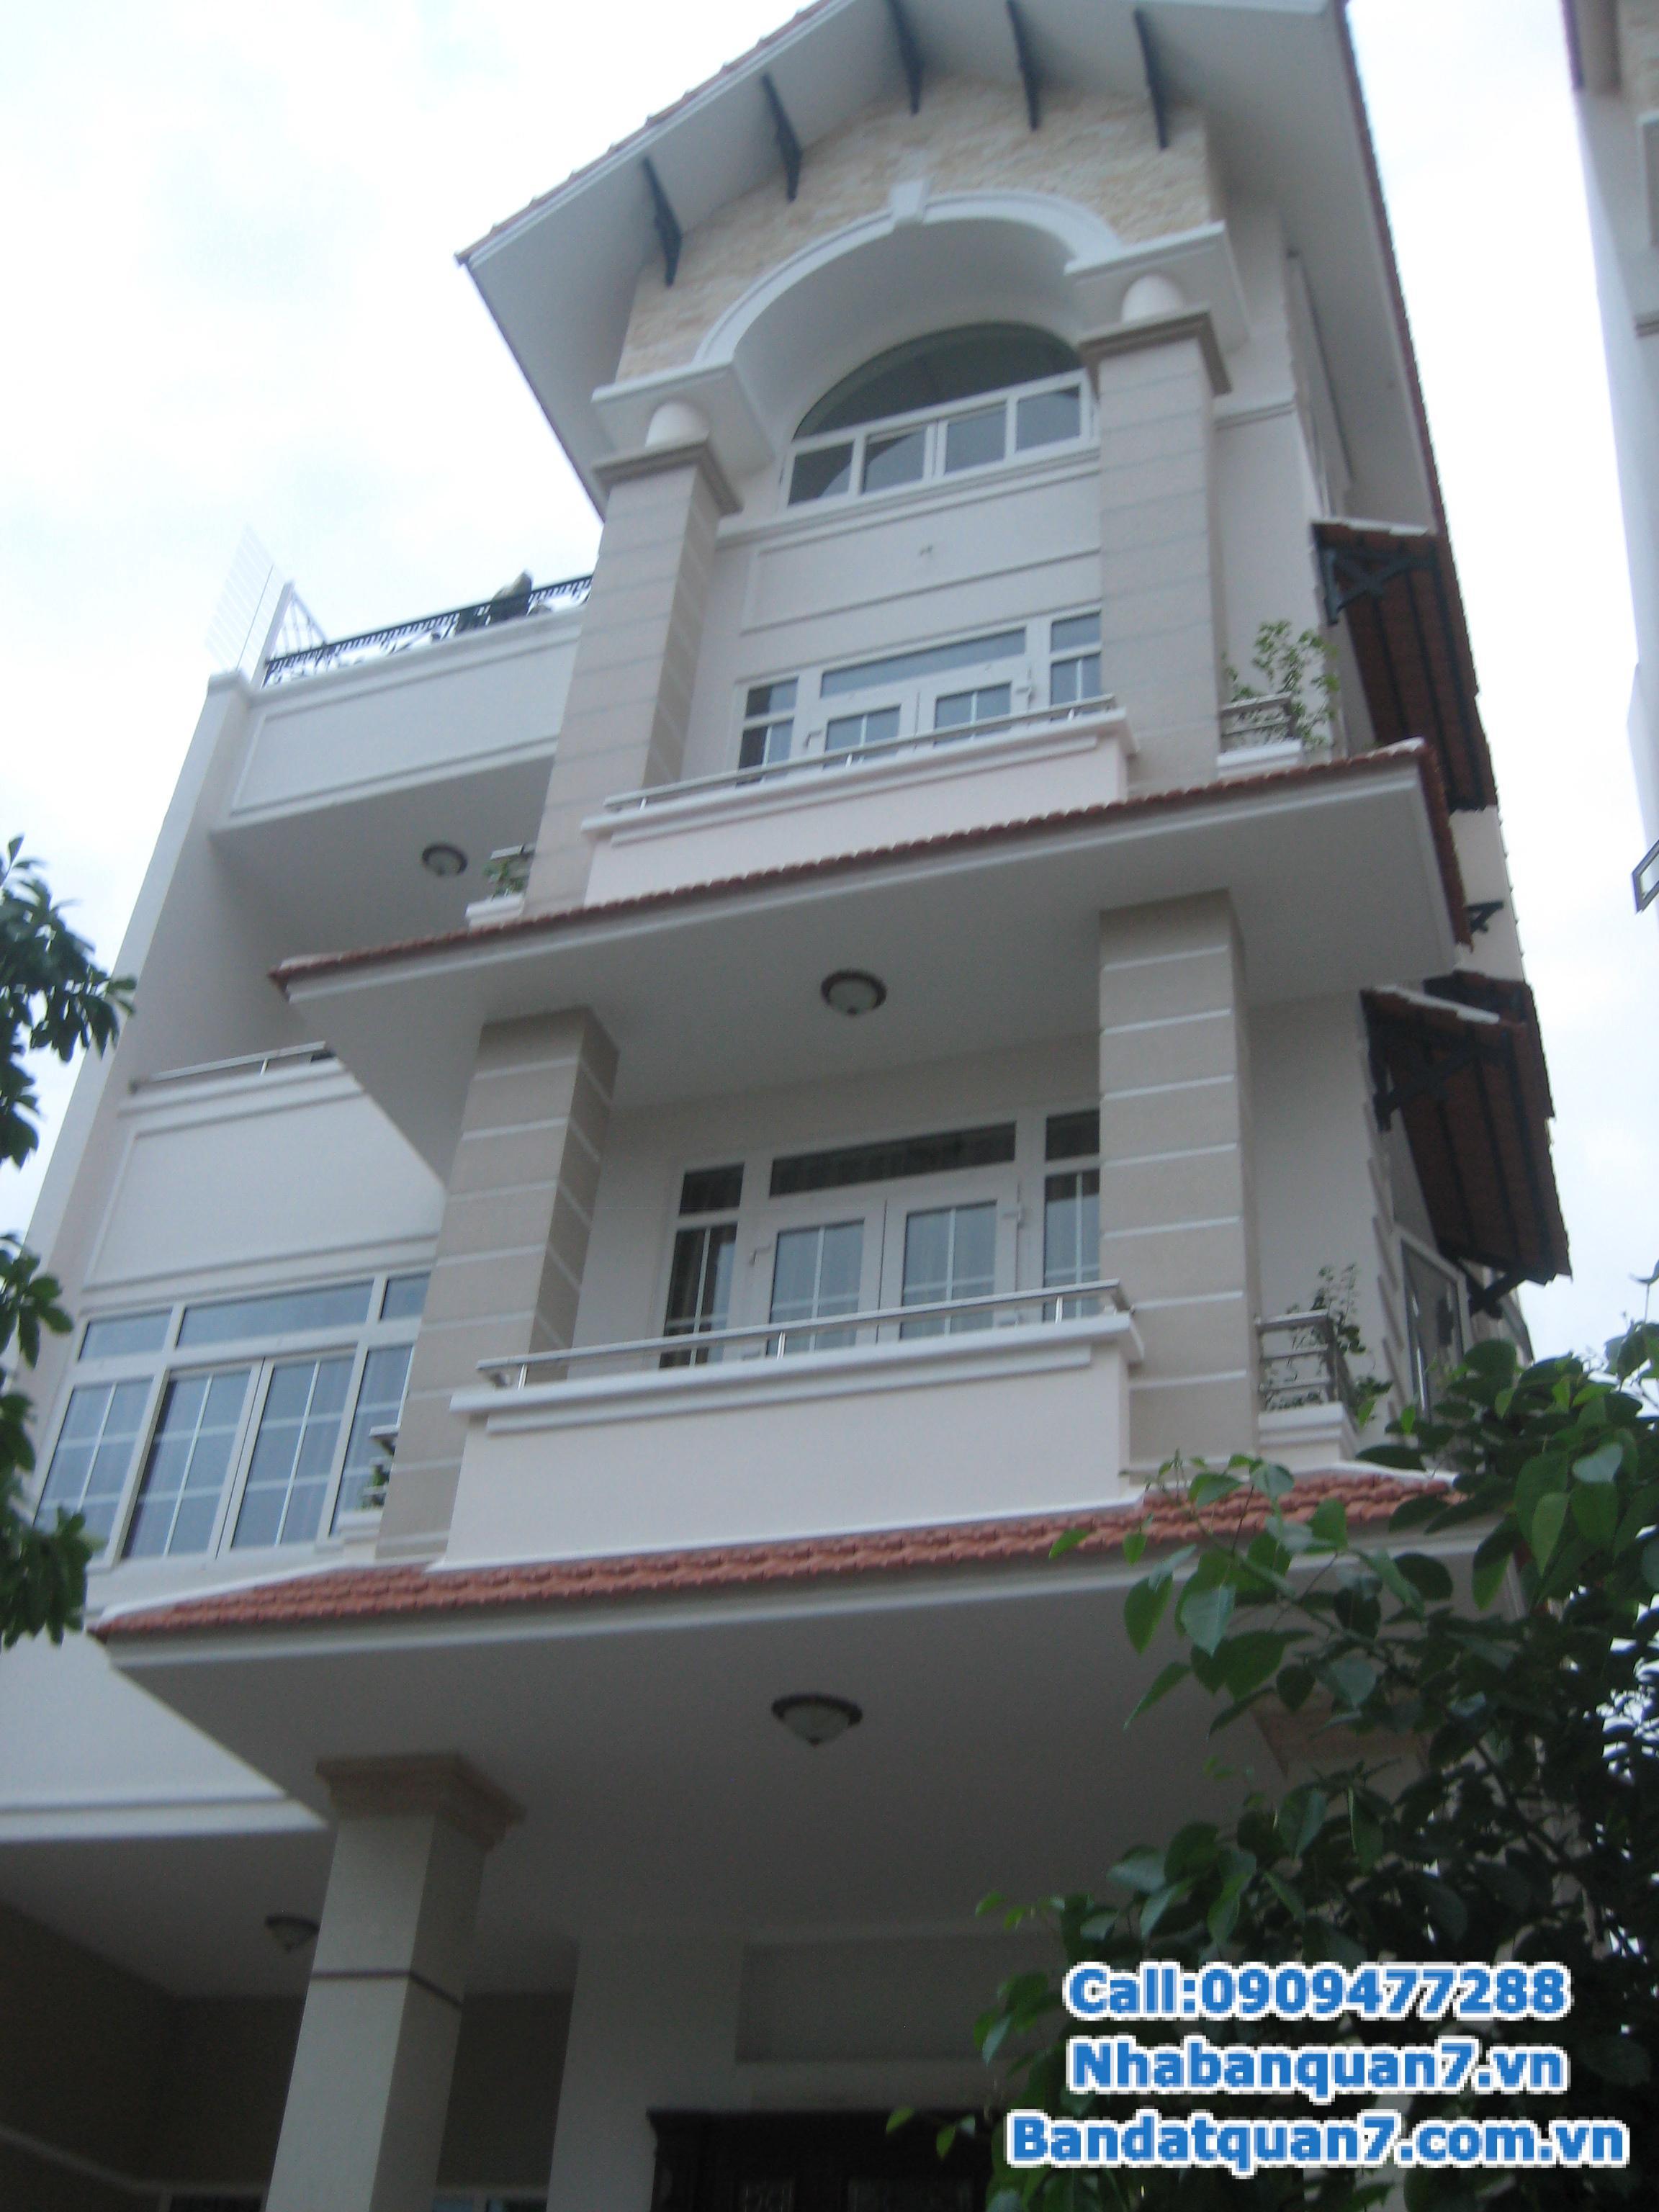 Cần bán gấp căn biệt thự Him Lam Kênh Tẻ - DT 10 x 20m - giấy tờ đầy đủ - 16 tỷ 2 (giá tốt trên thị trường)